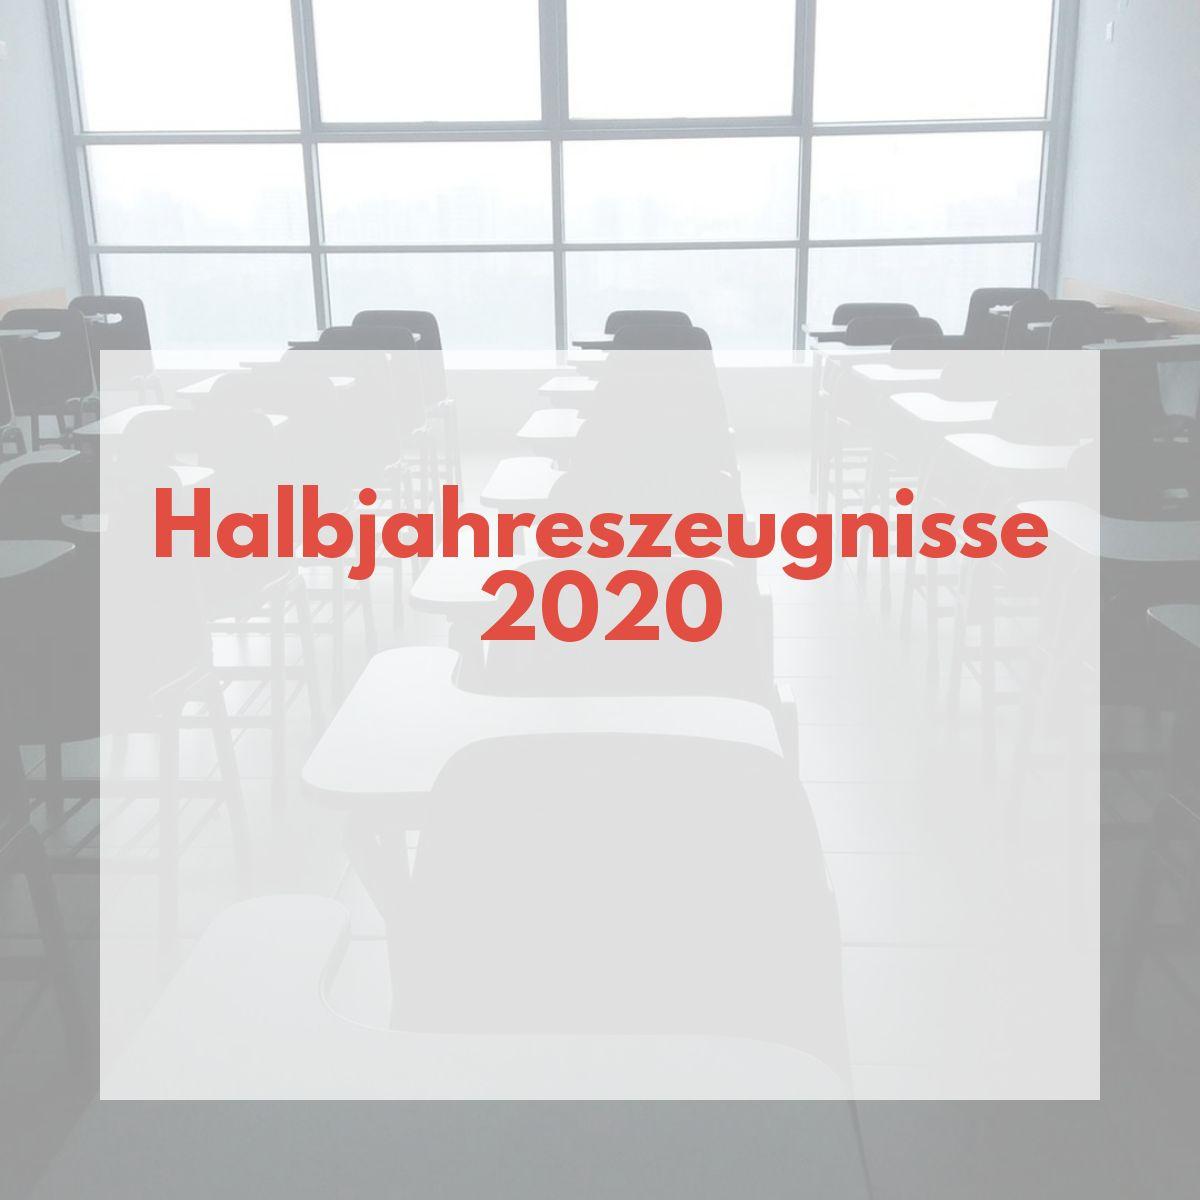 Zeugnisse schleswig holstein 2020